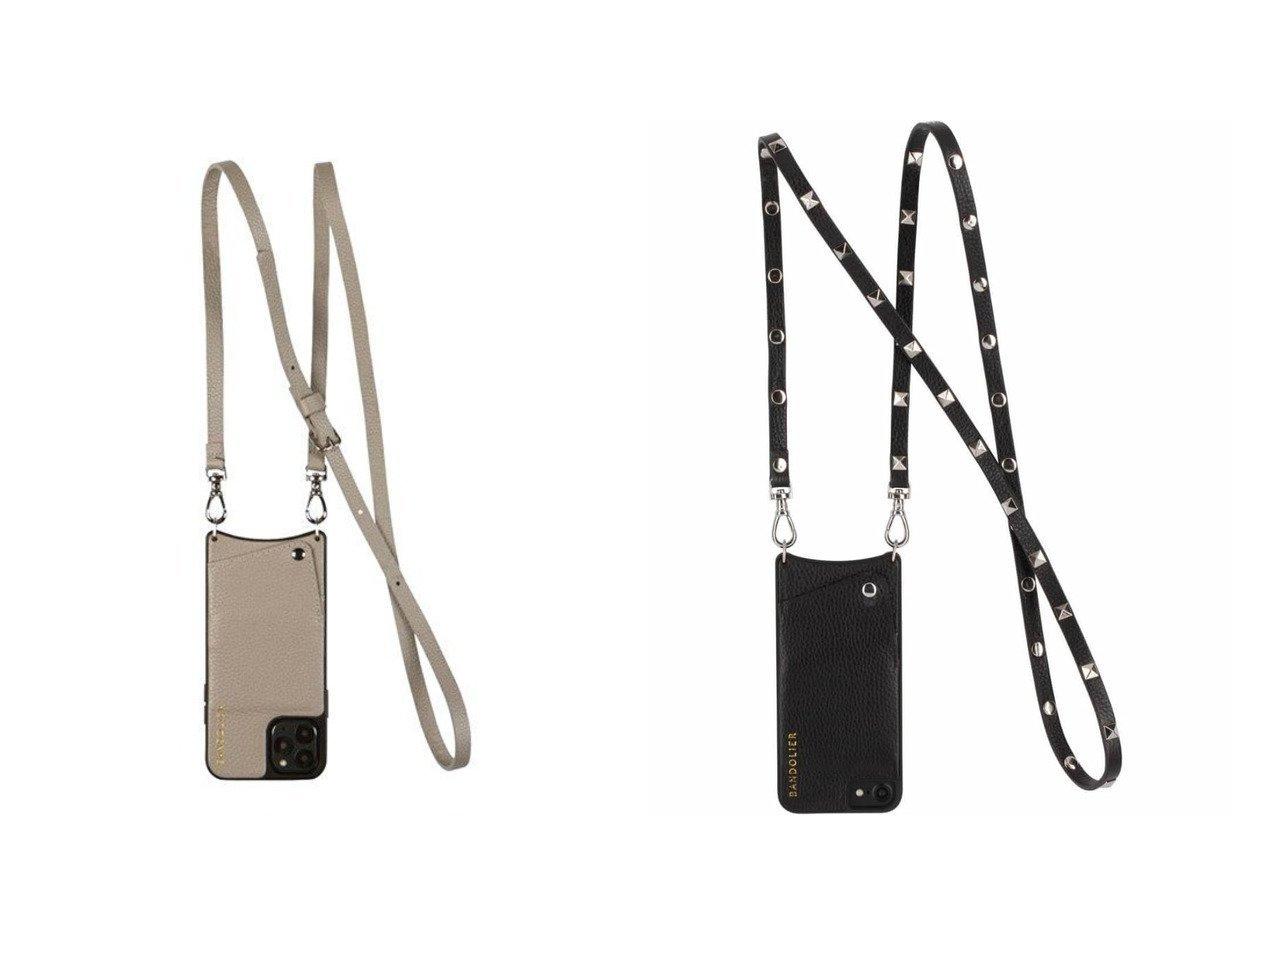 【BANDOLIER/バンドリヤー】のSE第2世代 ケース&EMMA iPhone 6.7.8 ケース おすすめ!人気、トレンド・レディースファッションの通販  おすすめで人気の流行・トレンド、ファッションの通販商品 メンズファッション・キッズファッション・インテリア・家具・レディースファッション・服の通販 founy(ファニー) https://founy.com/ ファッション Fashion レディースファッション WOMEN アクセサリー シンプル スマート ラップ 再入荷 Restock/Back in Stock/Re Arrival |ID:crp329100000014860